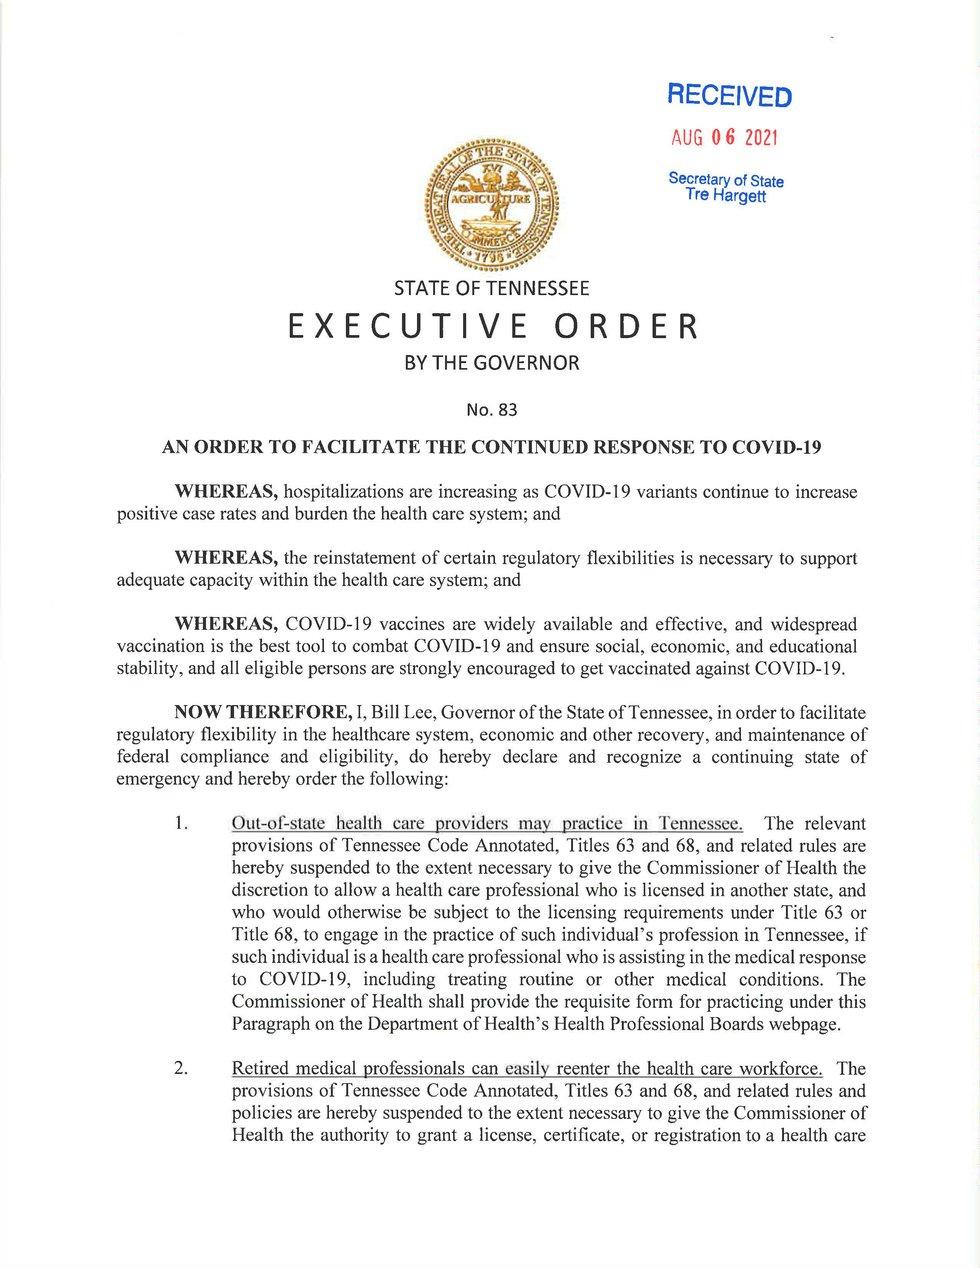 Executive Order 83